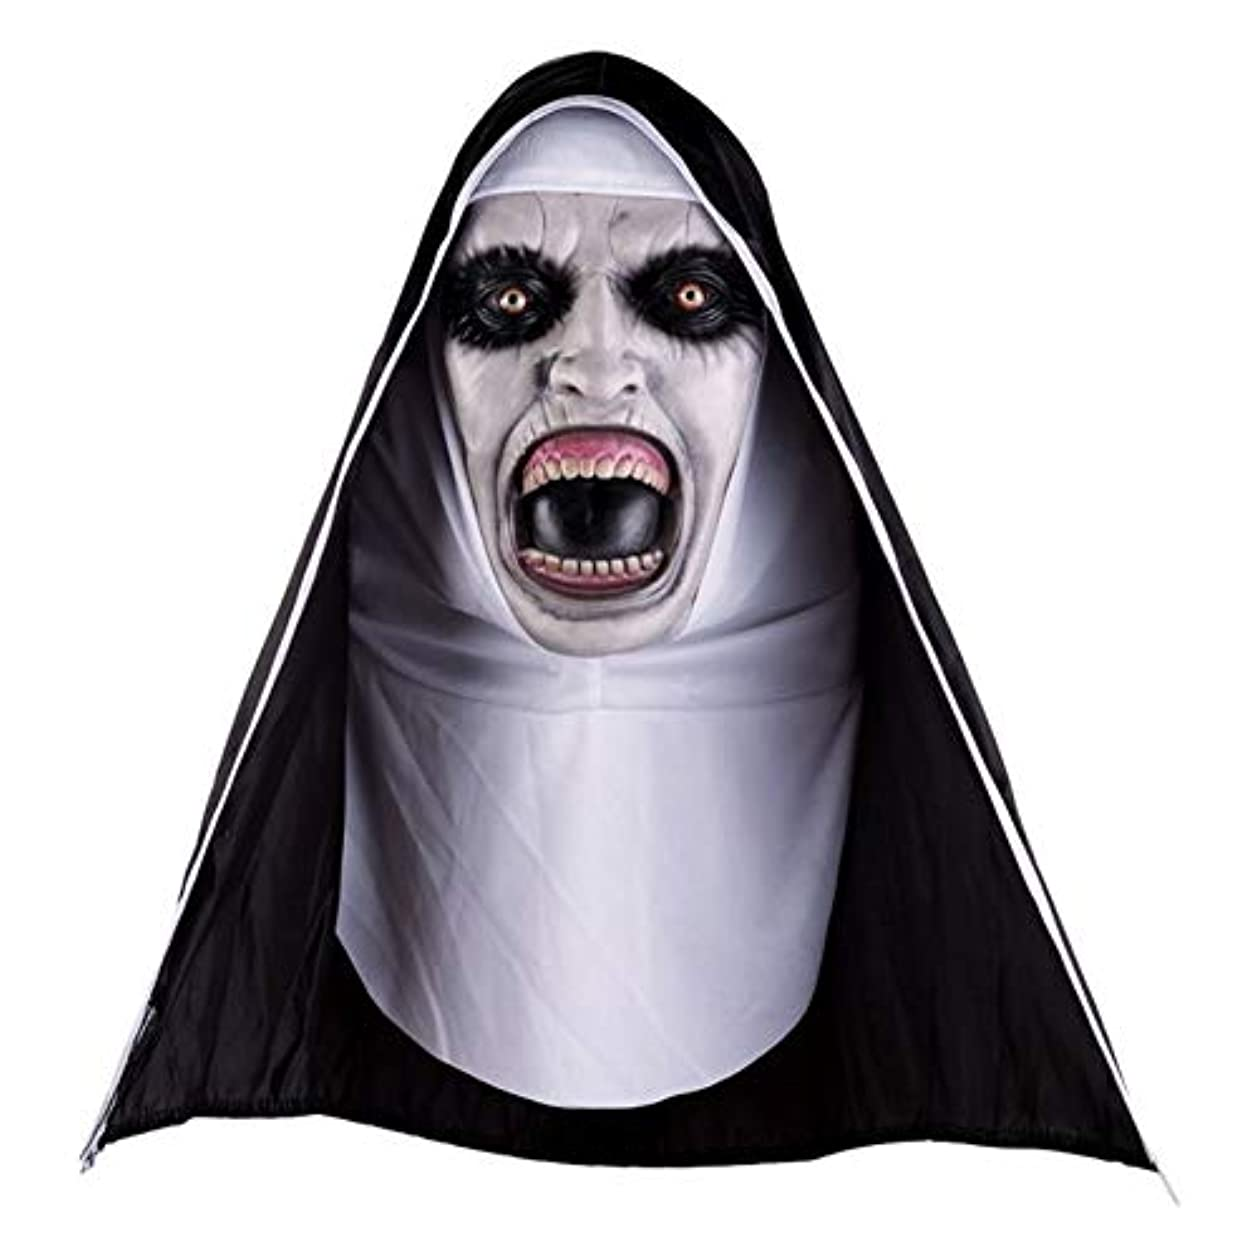 減衰瀬戸際寺院Esolom ハロウィーンの怖いマスク ラテックス修道女マスク フルフェイスカバレッジ フード付き 大人と子供のロールプレイング いたずら小道具